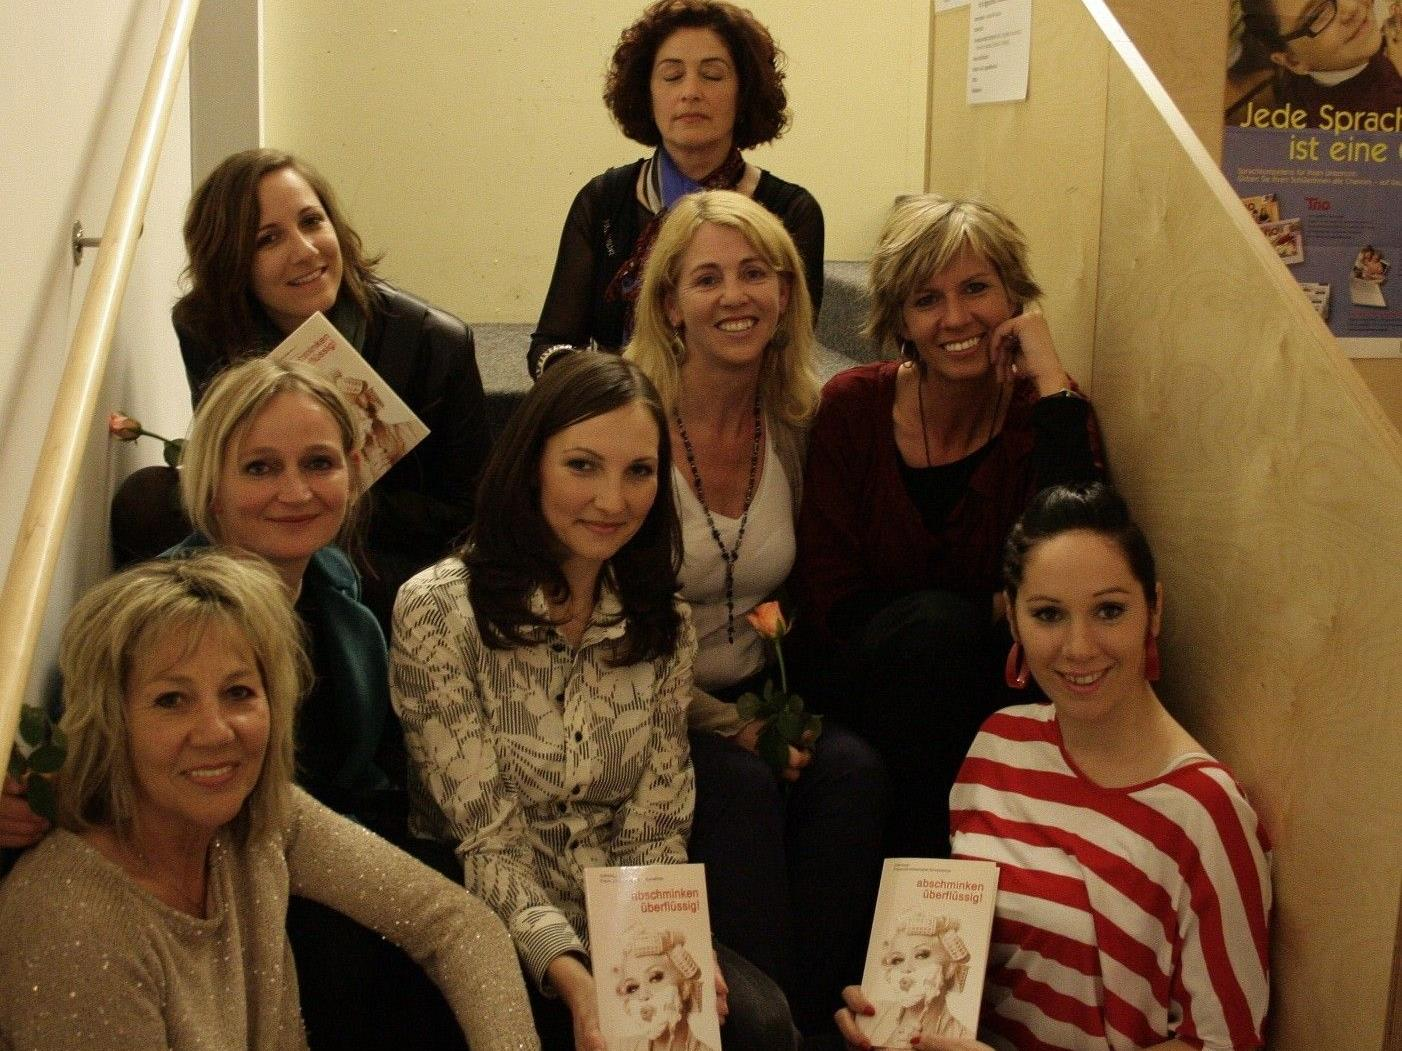 Lesung der Autorinnen der Frauenschreibwerkstatt in der Bibliothek Götzis mit der Leiterin der Frauenschreibwerkstatt Evelyn Brandt (li).